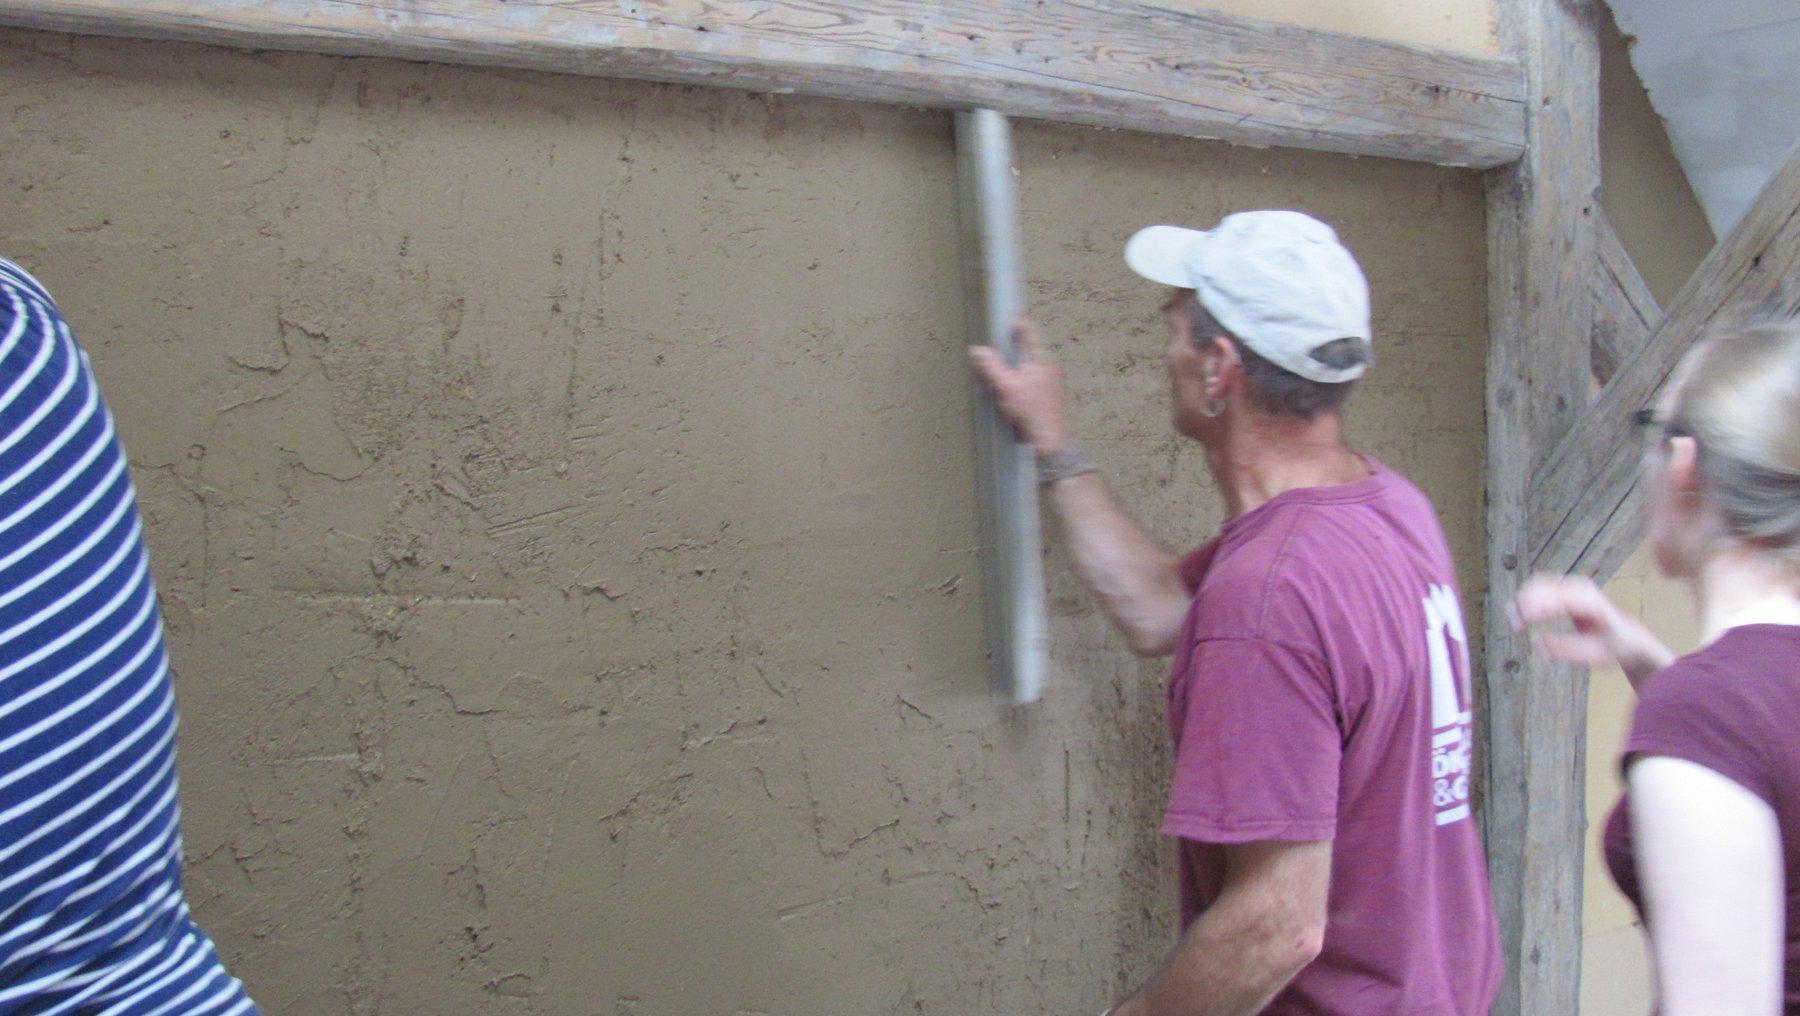 Lehmputzpraktikum - Student beim Veputzen einer Wand